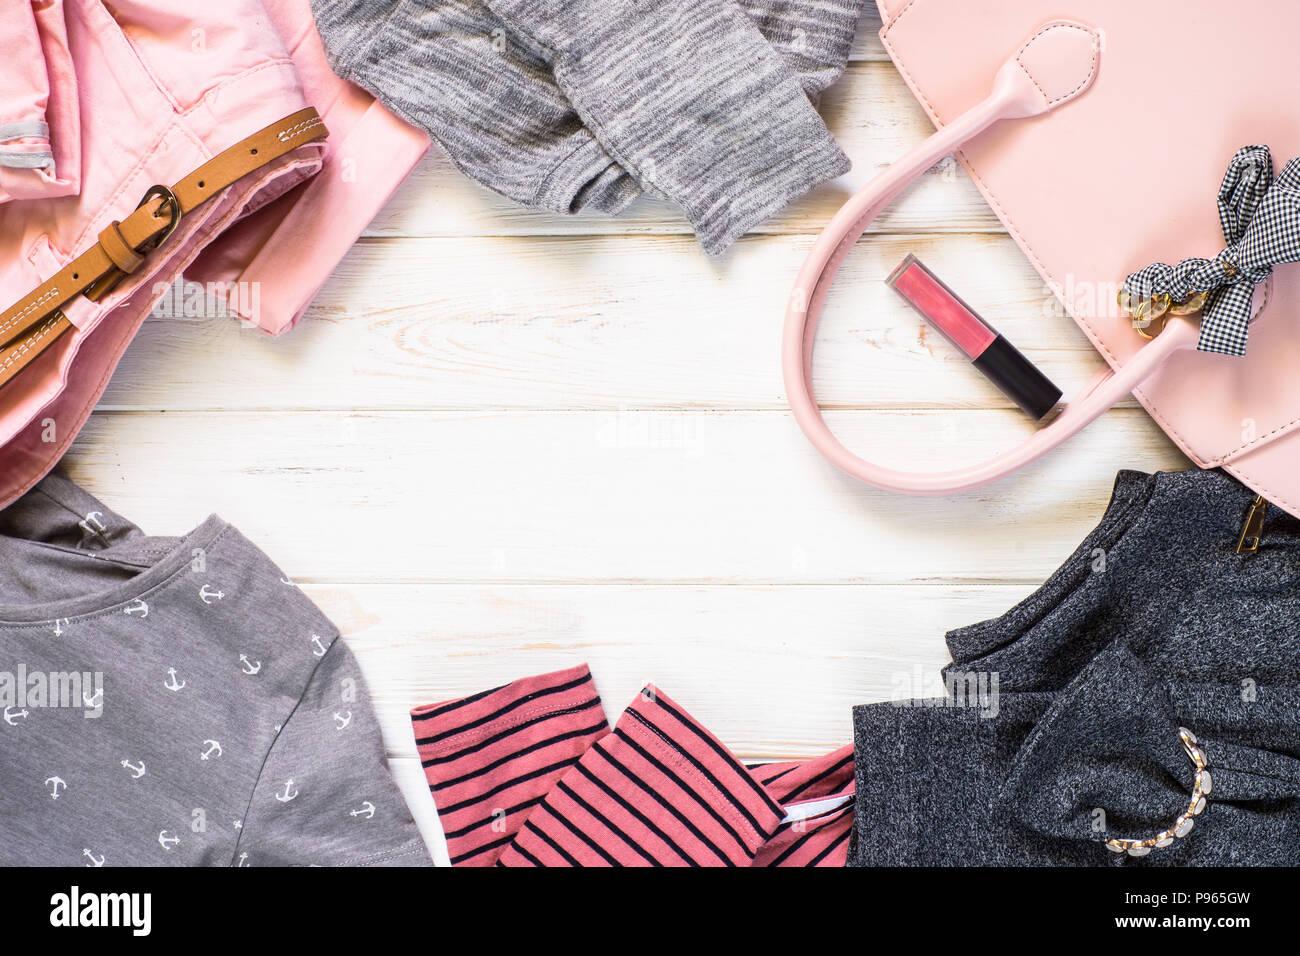 470f06be608005 Frau Kleidung und Accessoires in rosa und grauen Farben - top